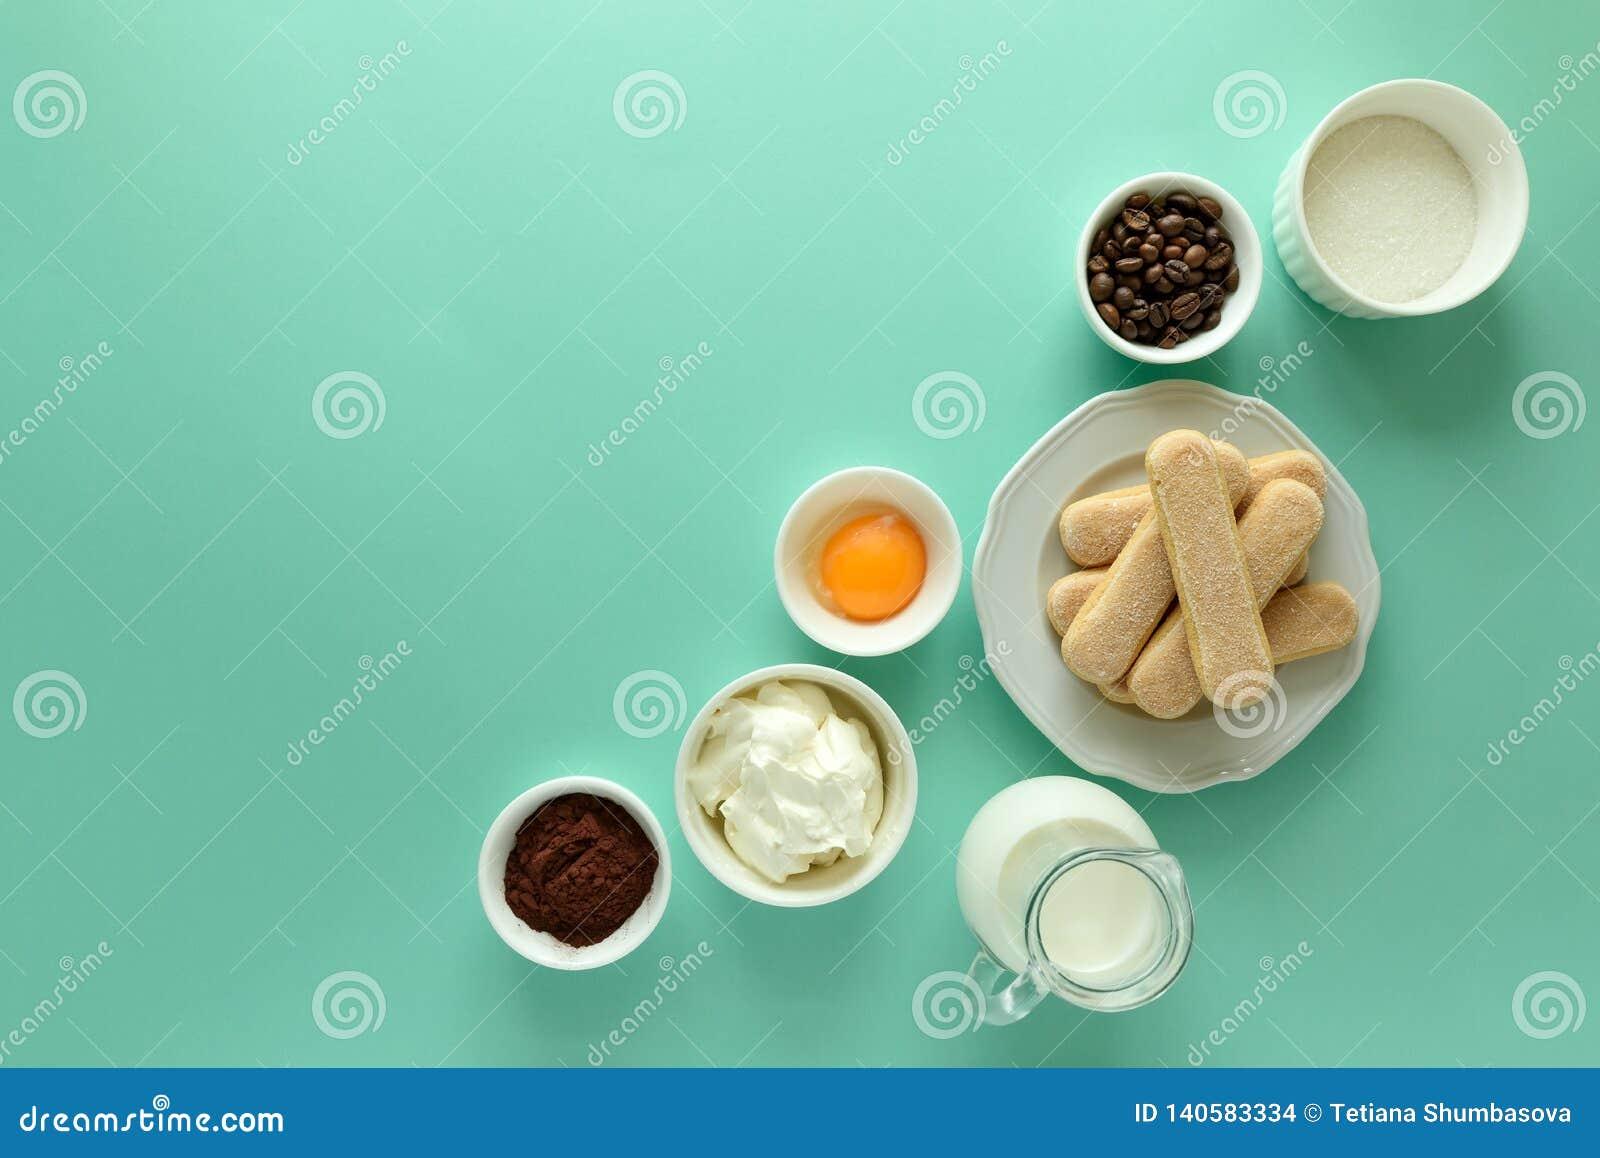 Συστατικά για το tiramisu μαγειρέματος: μπισκότα Savoiardi, Ladyfinger, μπισκότο, mascarpone, κρέμα, ζάχαρη, κακάο, καφές δάχτυλω